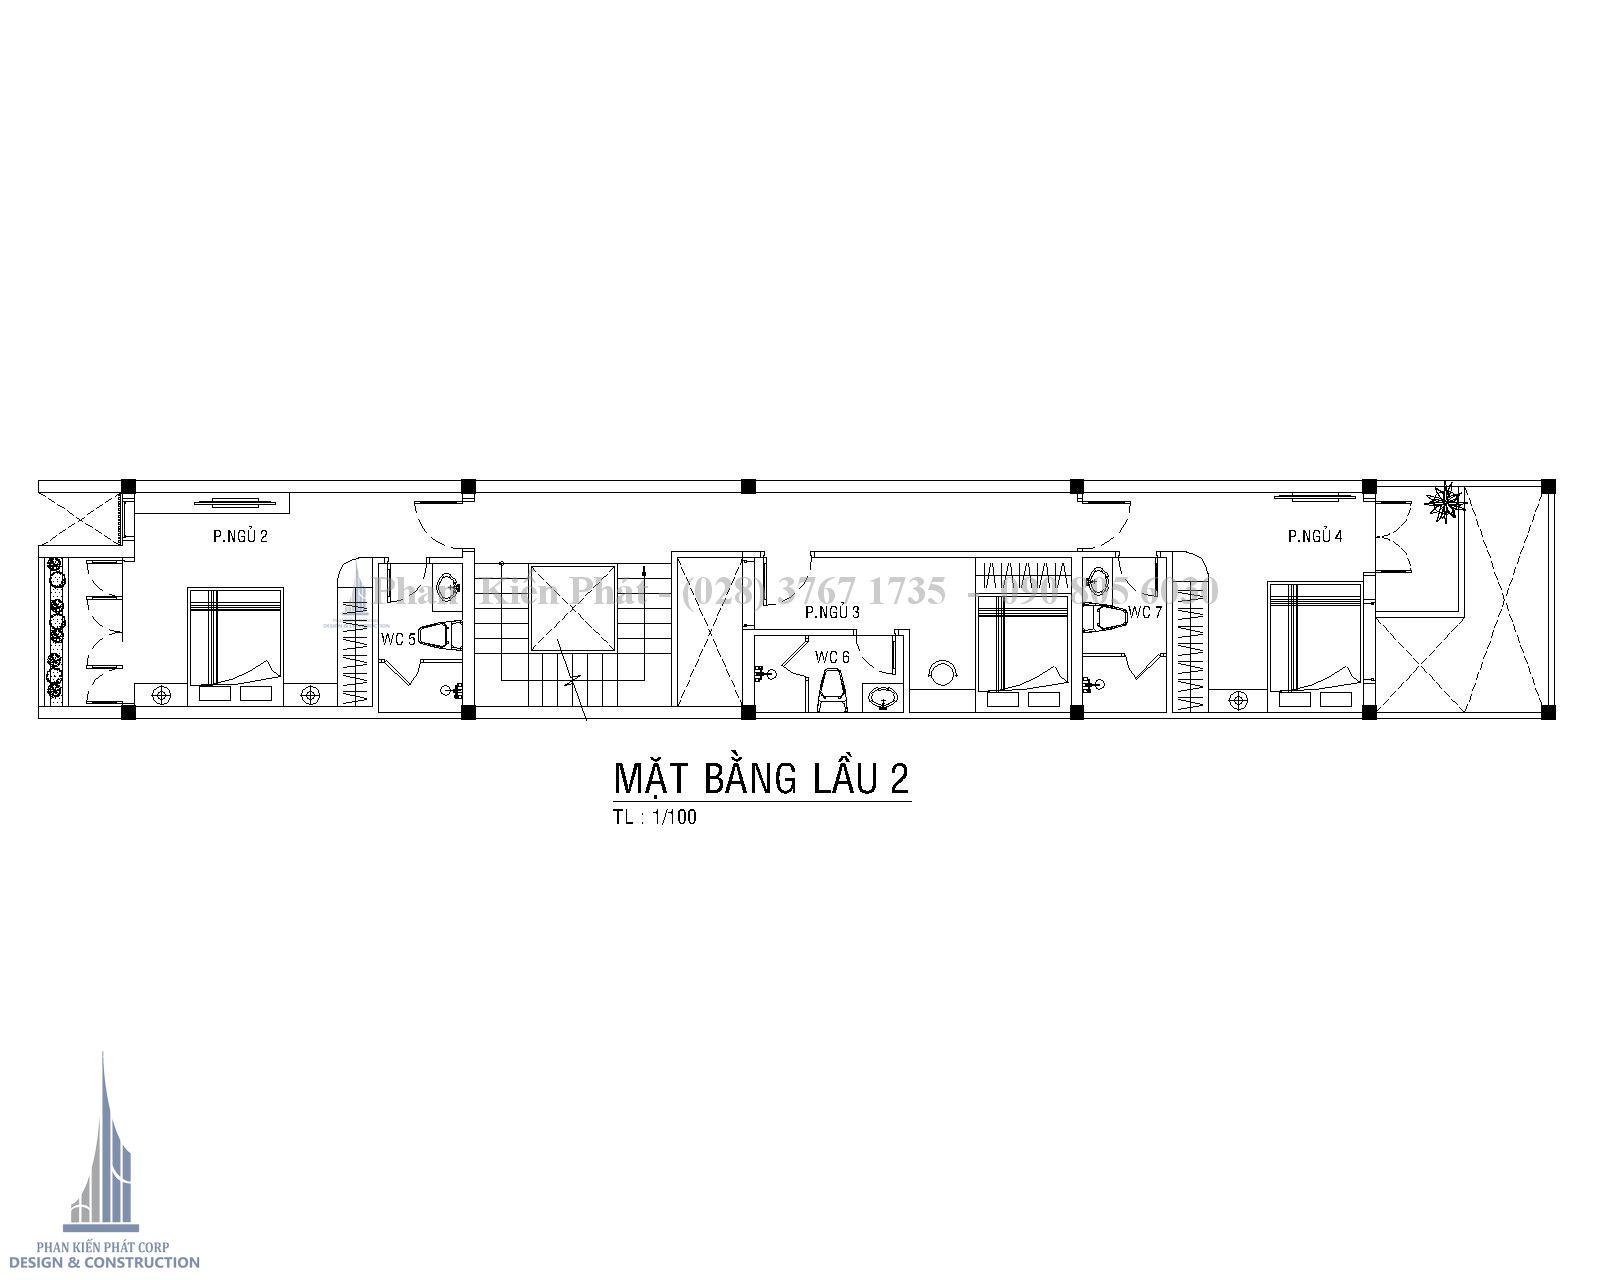 Mat Bang Lau 2 Mau Nha Ong 4 Tang Hien Dai 1 Tret 3 Lau